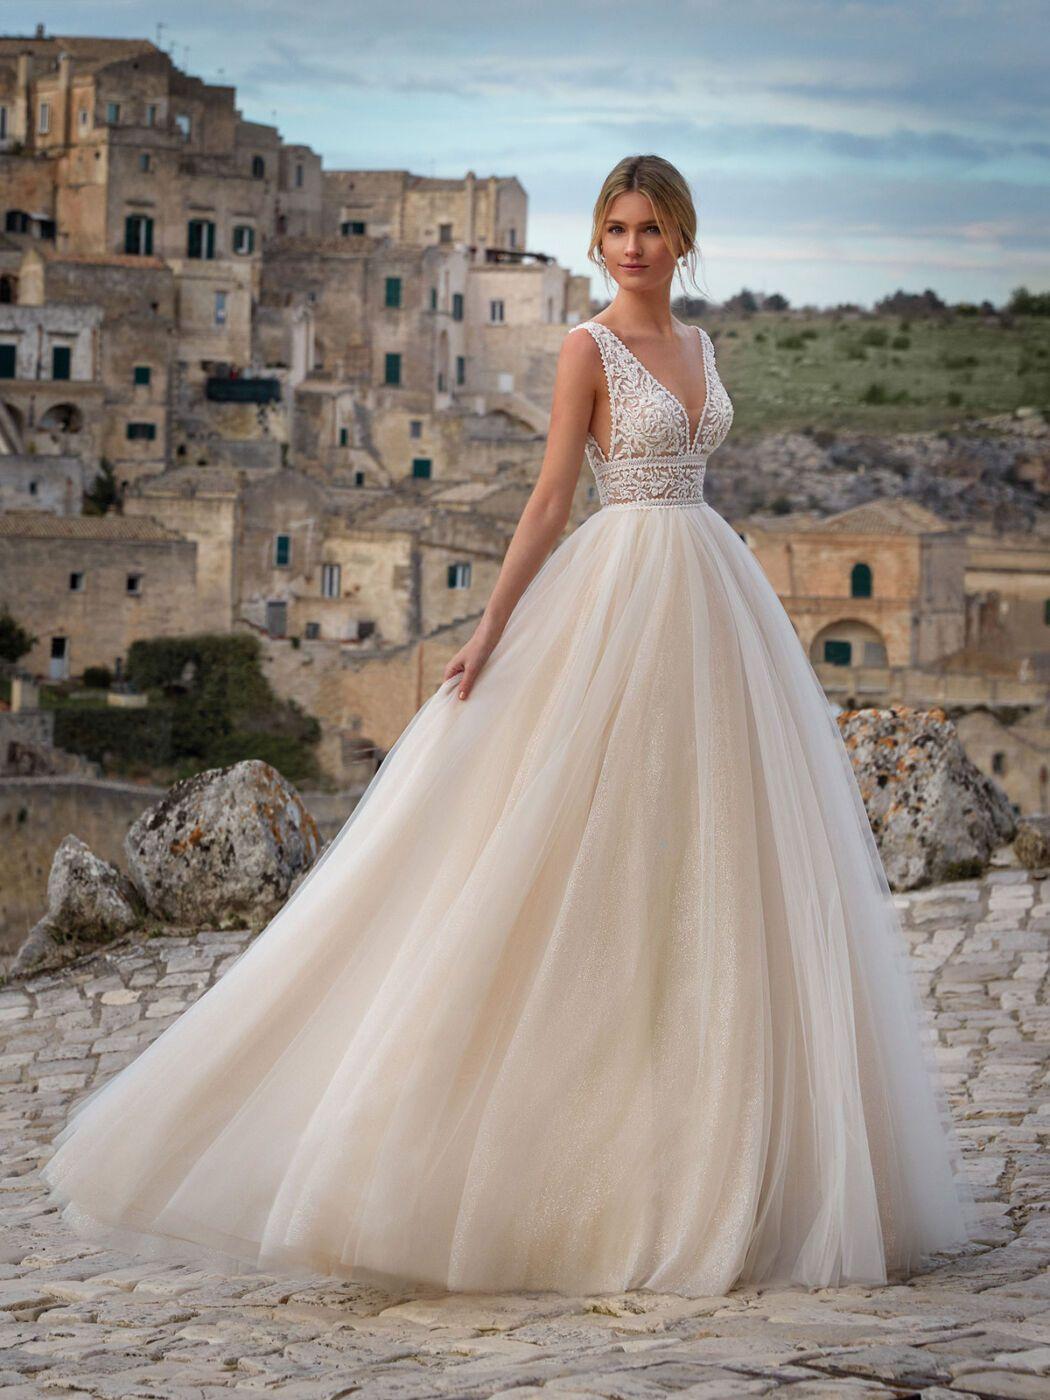 https://www.weddingmagazine.com.ua/wp-content/uploads/2020/06/romance-nicole-bridal-2021-3.jpg